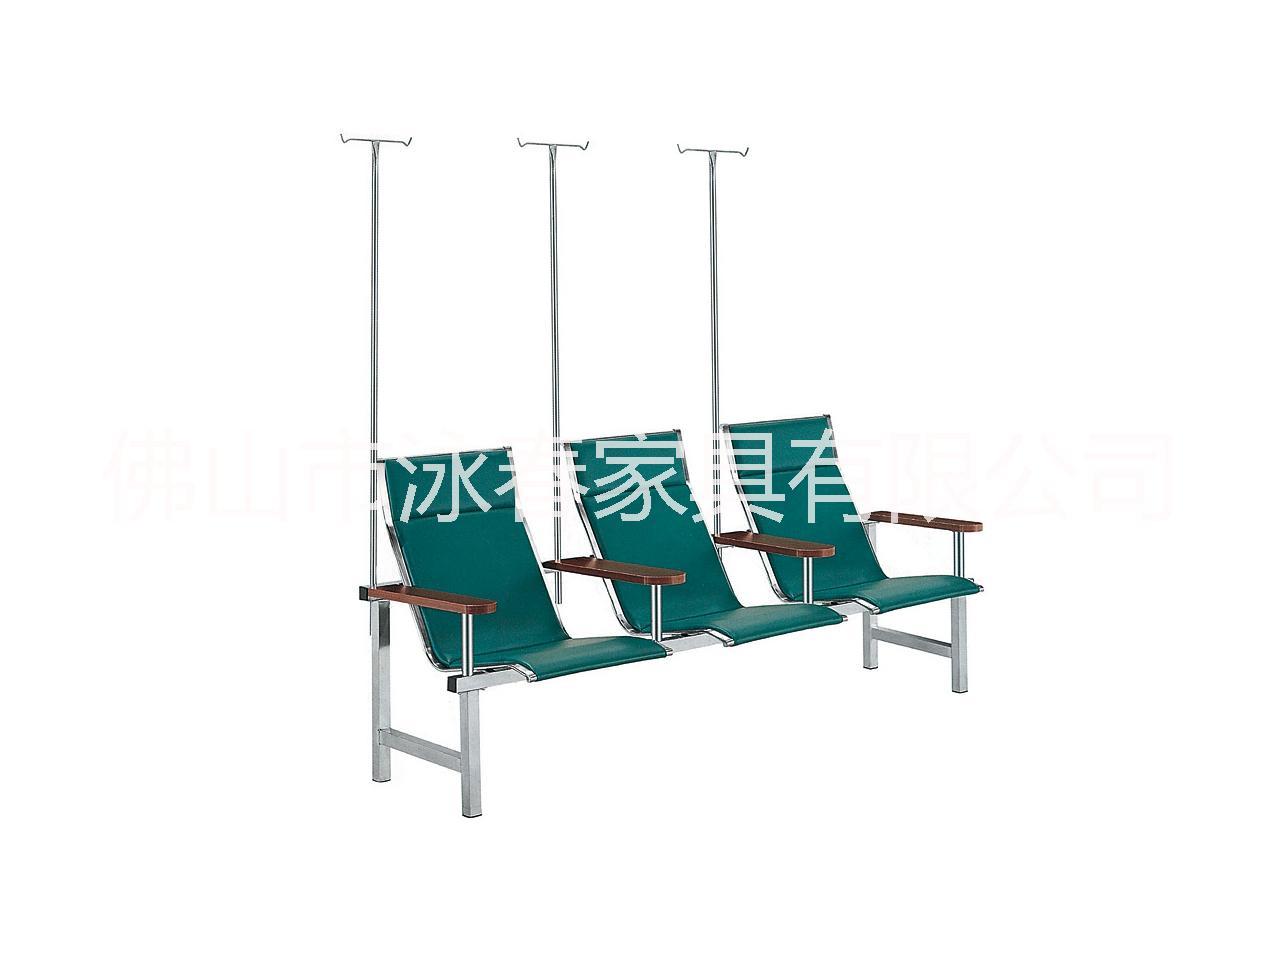 广东定制不锈钢输液椅 广东定制不锈钢输液椅 工厂直销 山东定制不锈钢输液椅 工厂直销